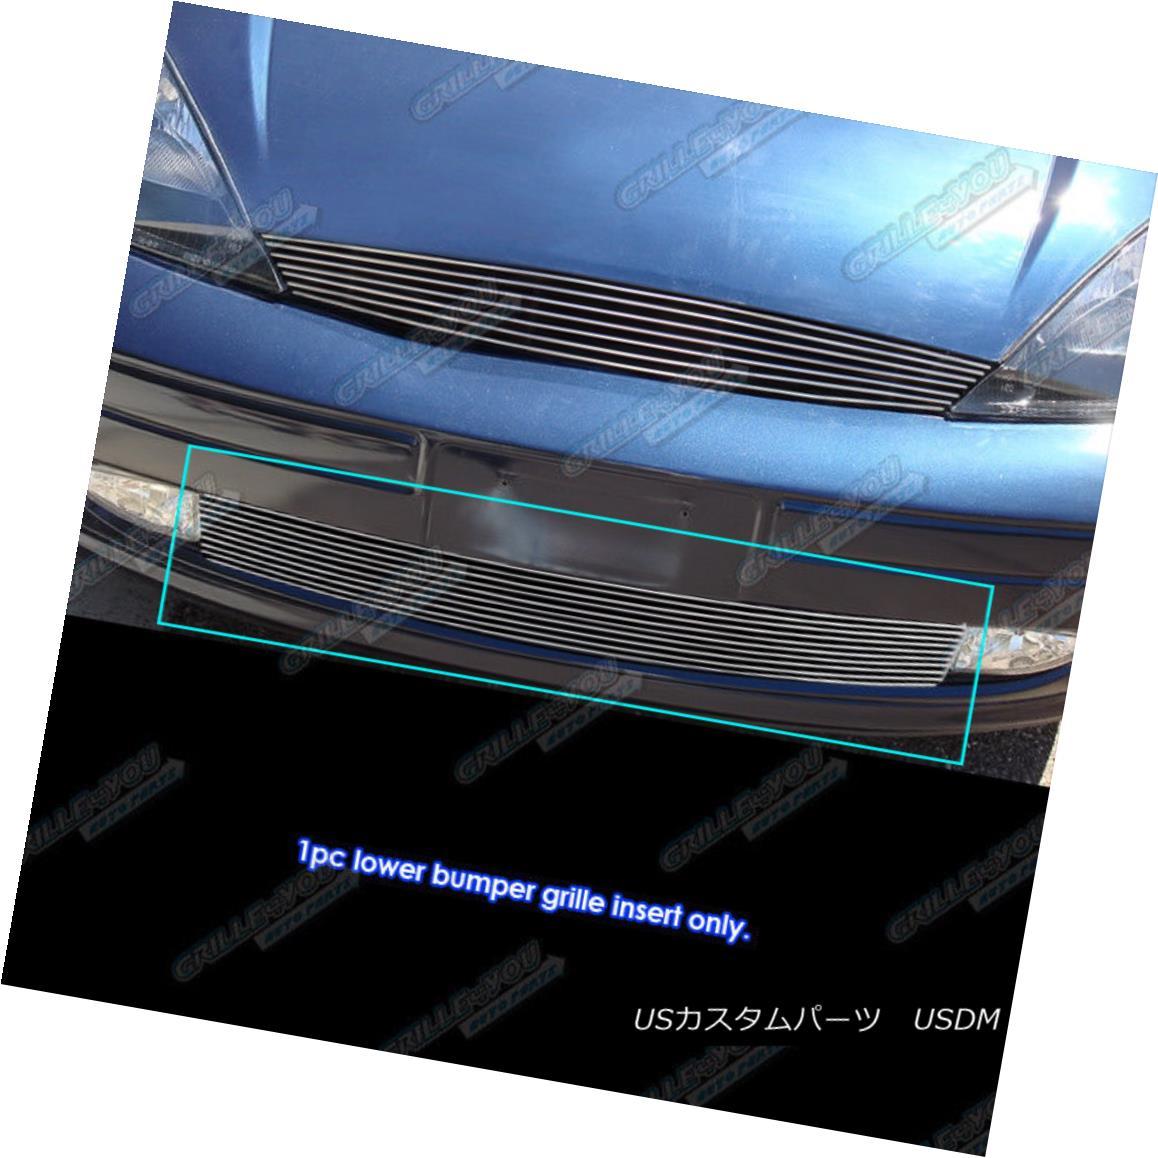 グリル Fits 1998-2004 Ford Focus Lower Bumper Billet Grille Grill Insert フィット1998-2004フォードフォーカスロワーバンパービレットグリルグリルインサート